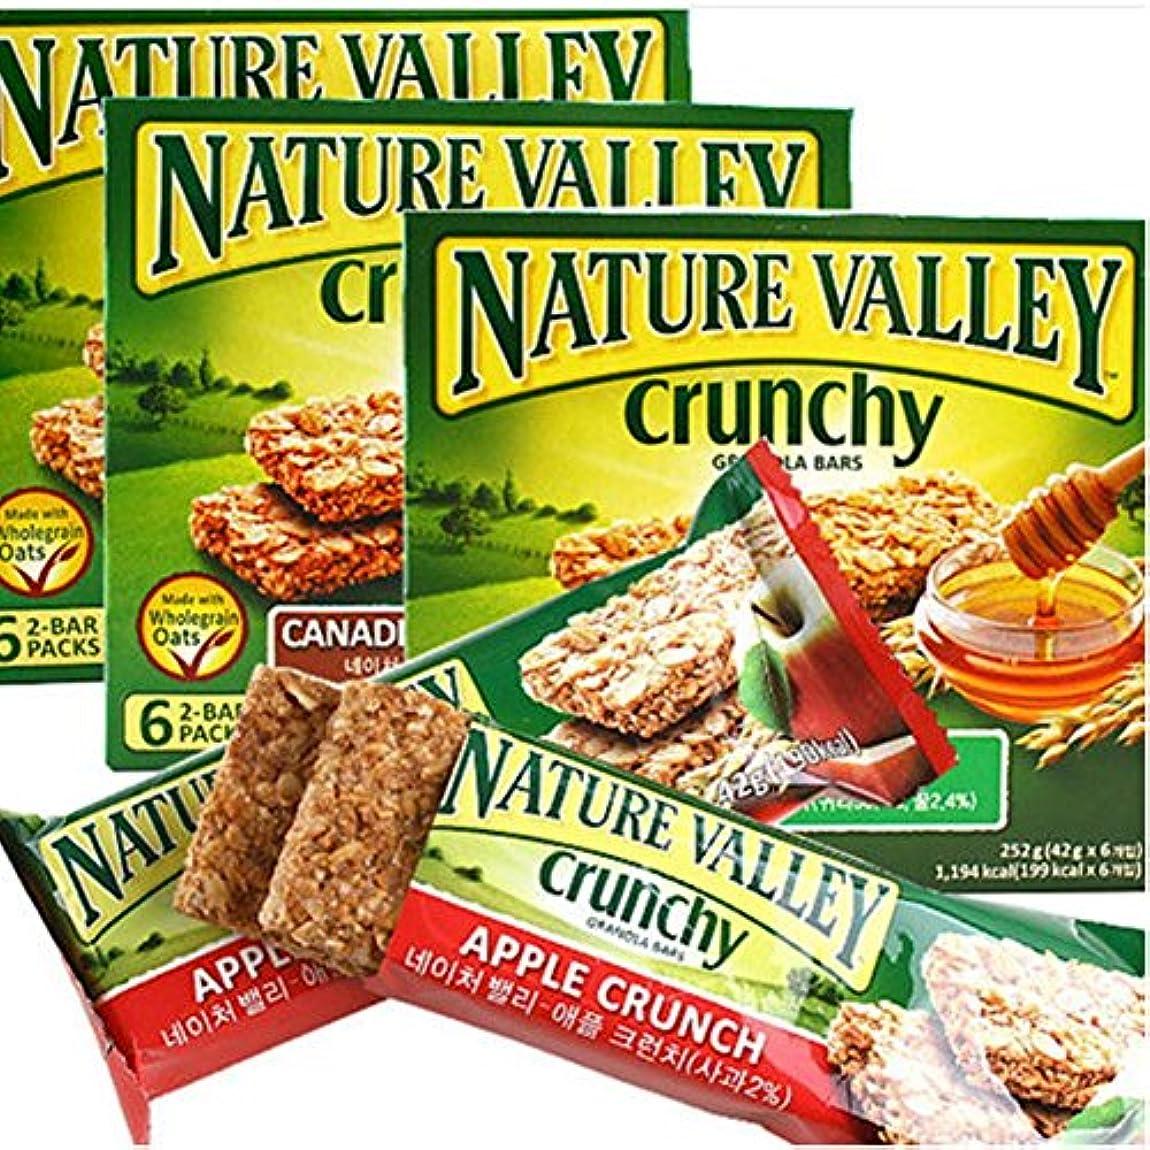 毎年宇宙散る[ネイチャーバレー/Nature Valley] CANADIAN MAPLE SYRUP/ネイチャーバレークランチグラノーラバー42g5パックx3 Box - メープルシロップ(合計15袋)穀物バー/シリアル/栄養のバー...